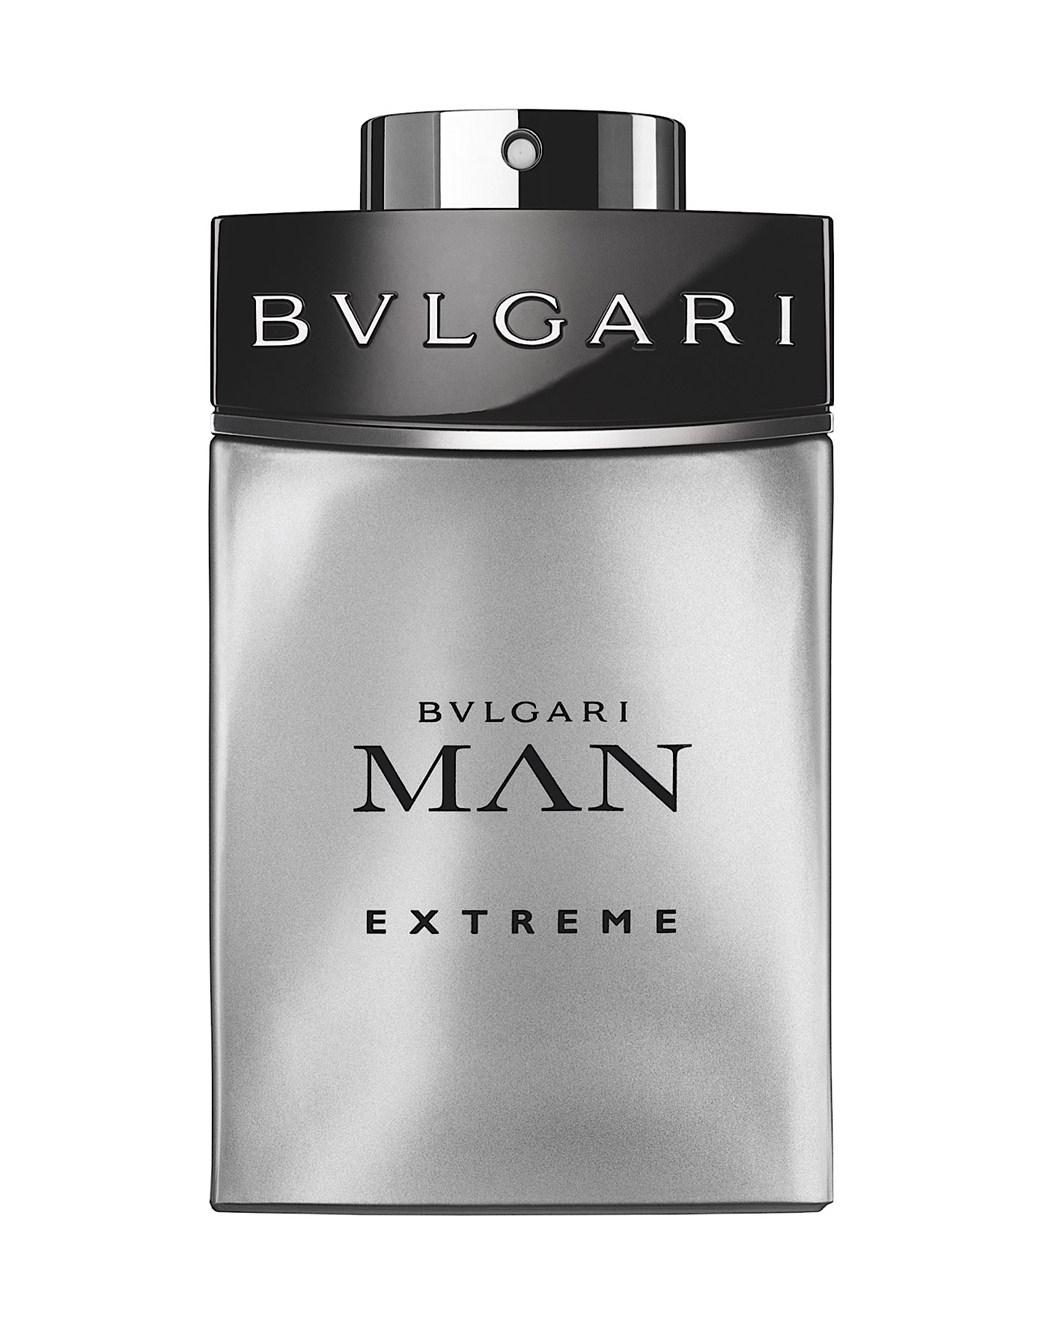 น้ำหอม Bvlgari Man Extreme for Men ขนาด 100ml กล่องเทสเตอร์